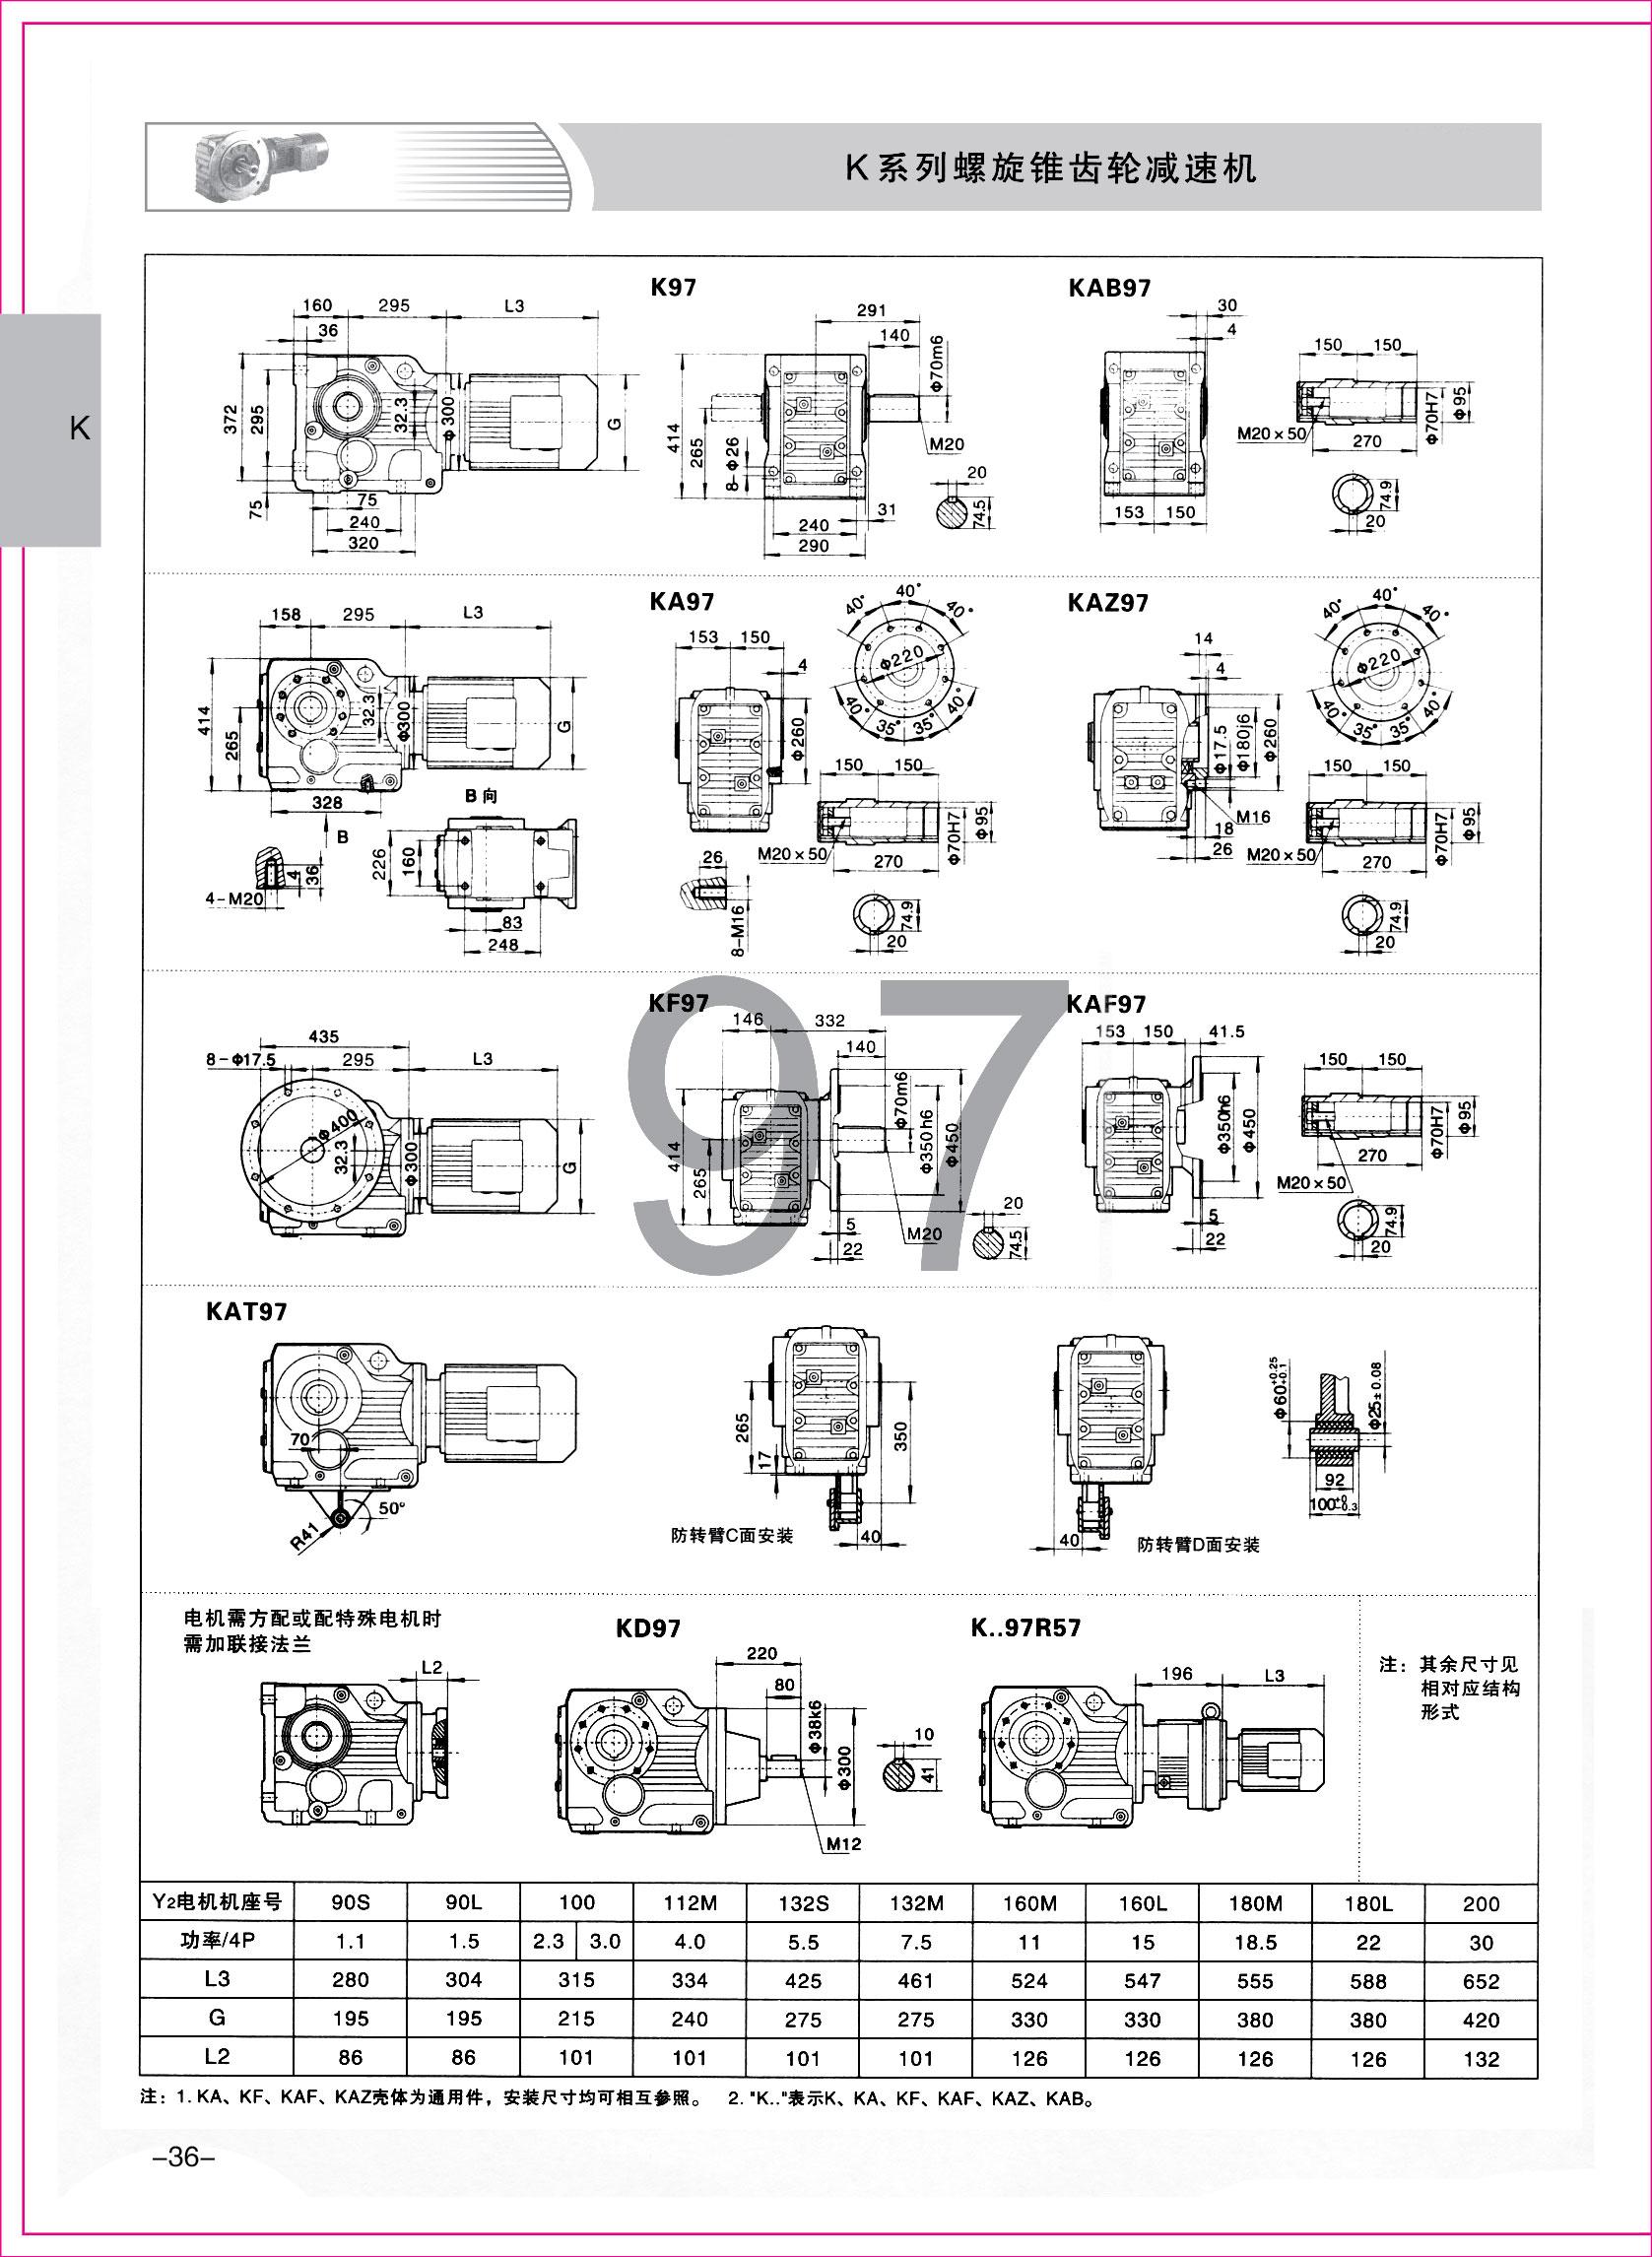 齿轮减速机样本1-1-36.jpg